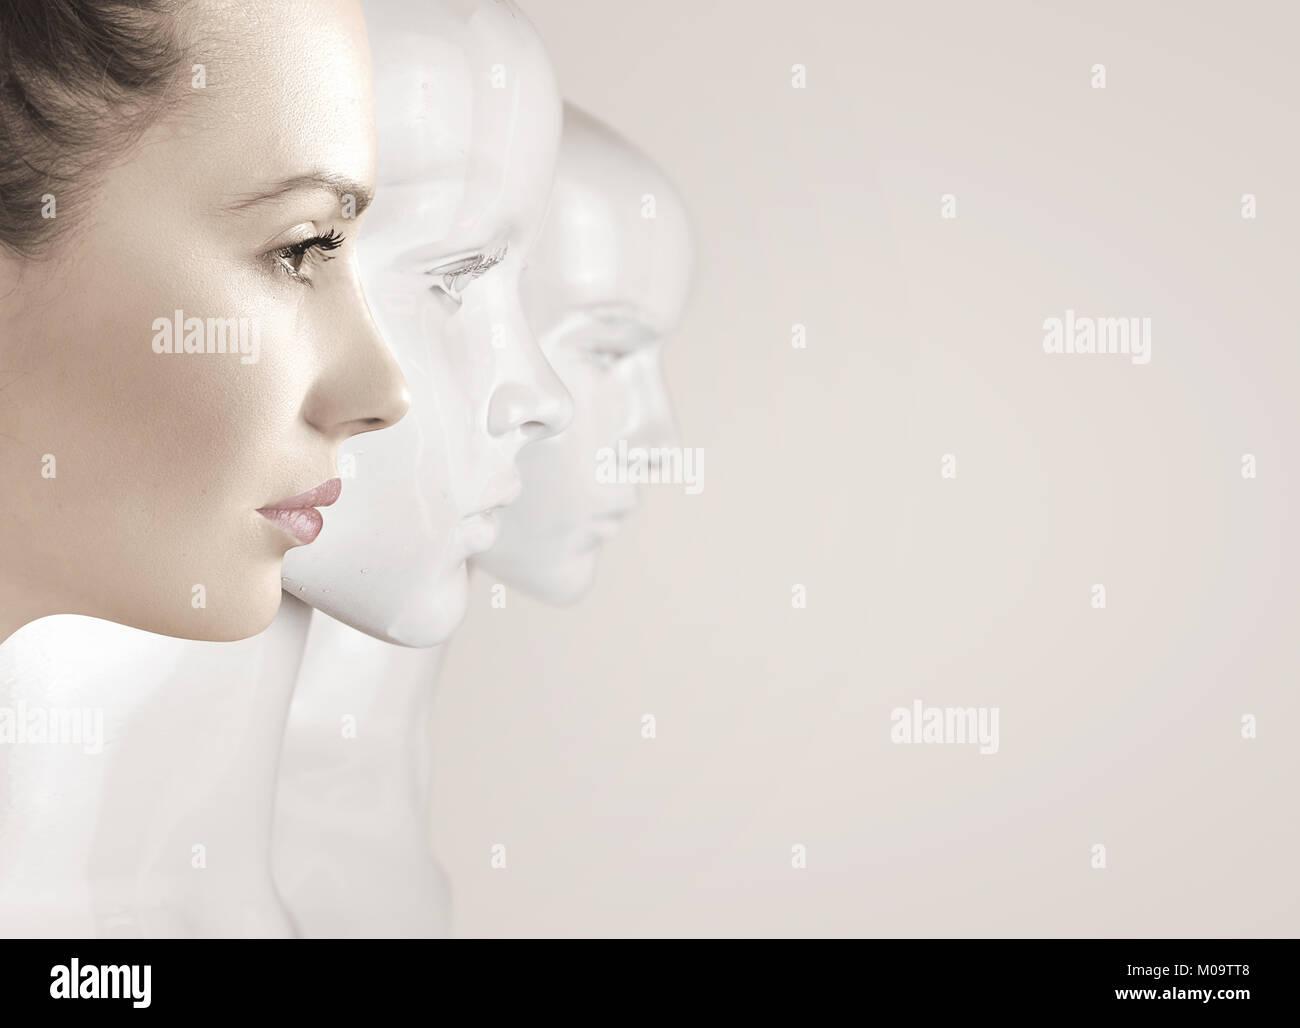 Mujer y robots - concepto de inteligencia artificial Imagen De Stock